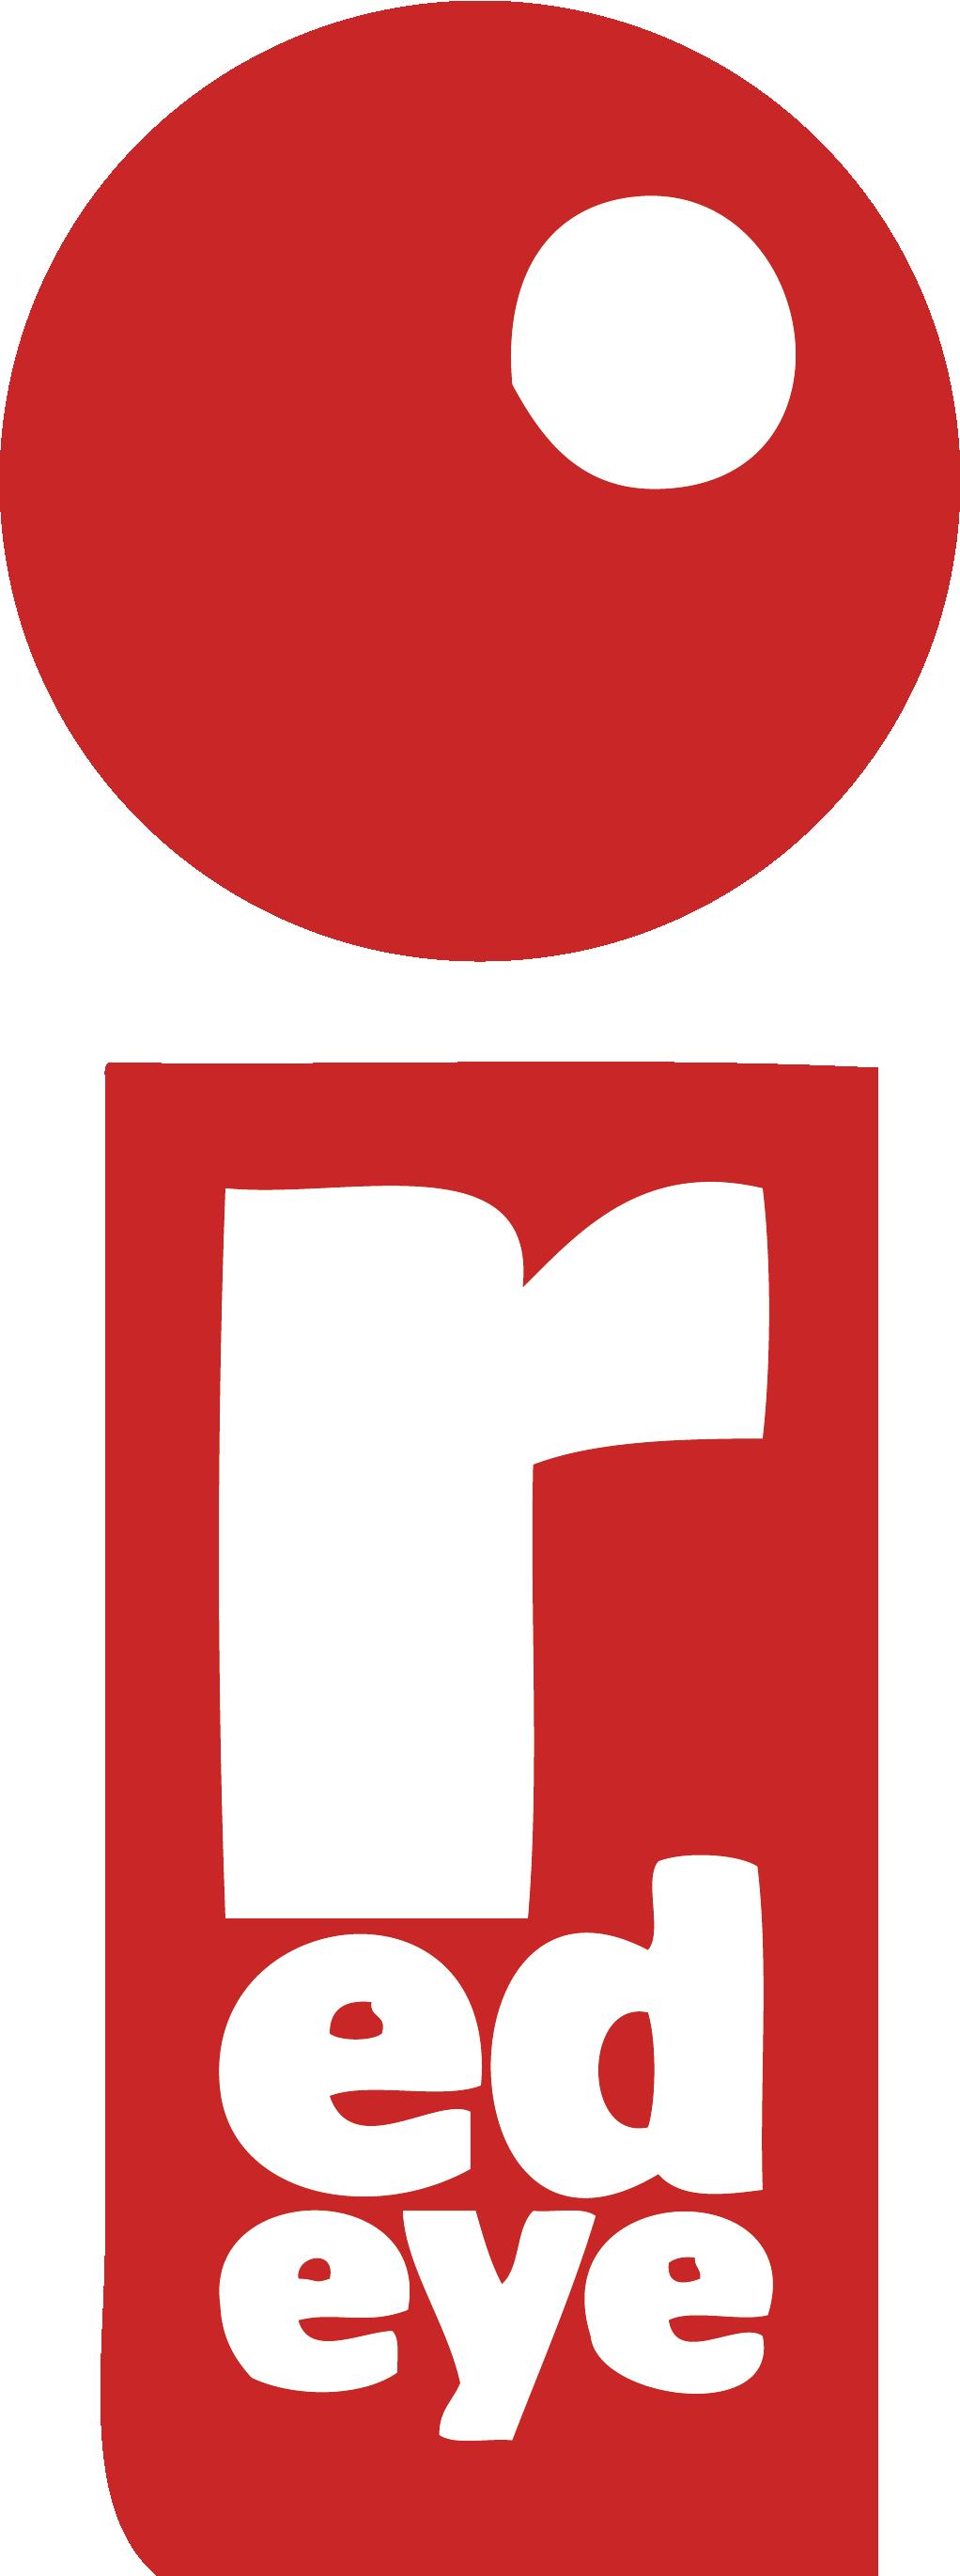 red-eye-logo.png